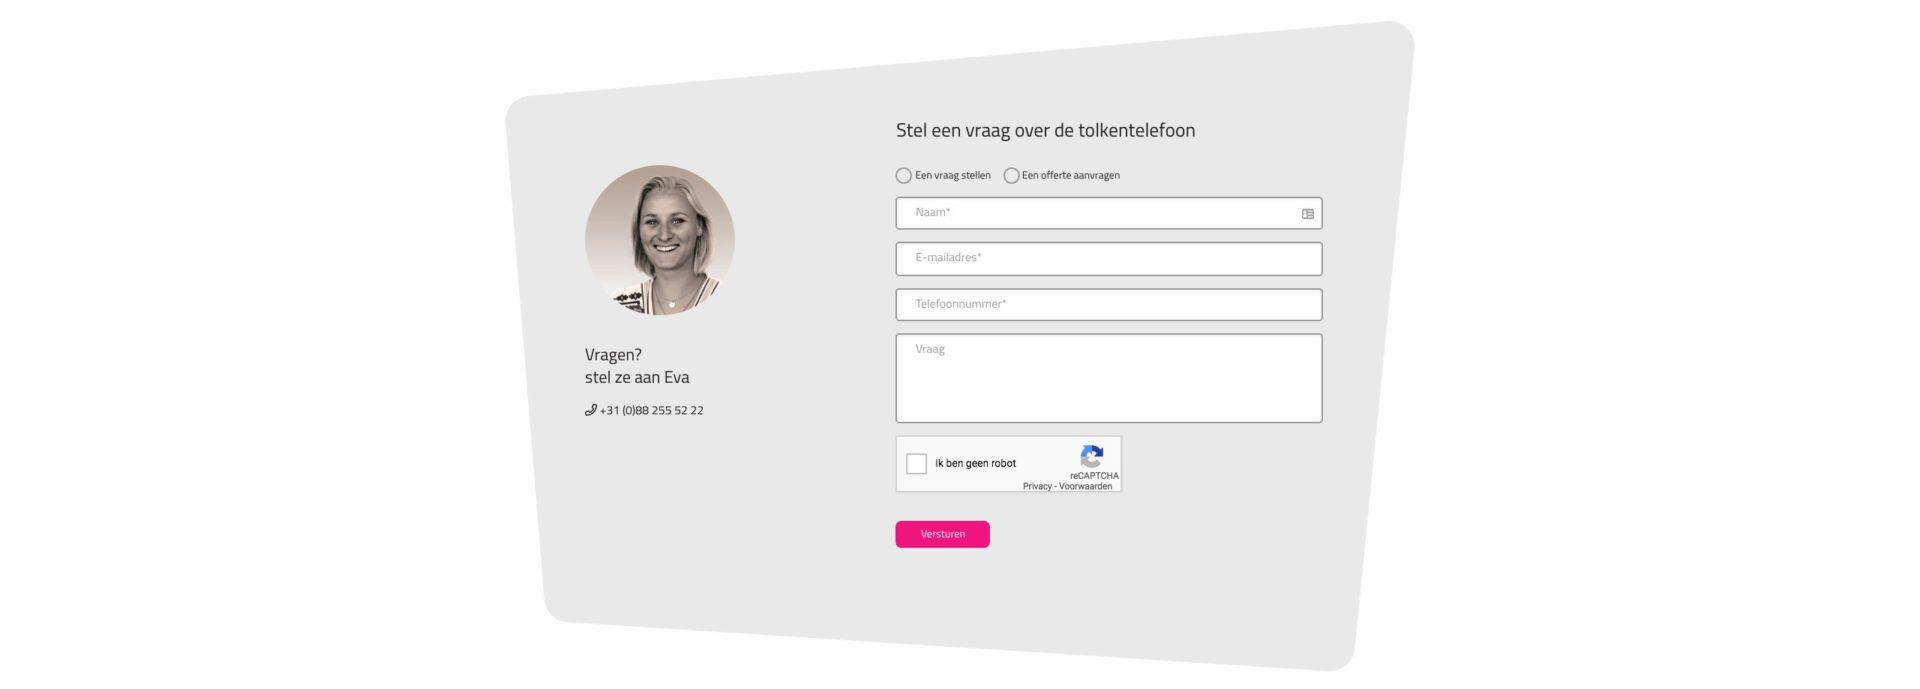 TVcN screenshot 3 - formulier met medewerker